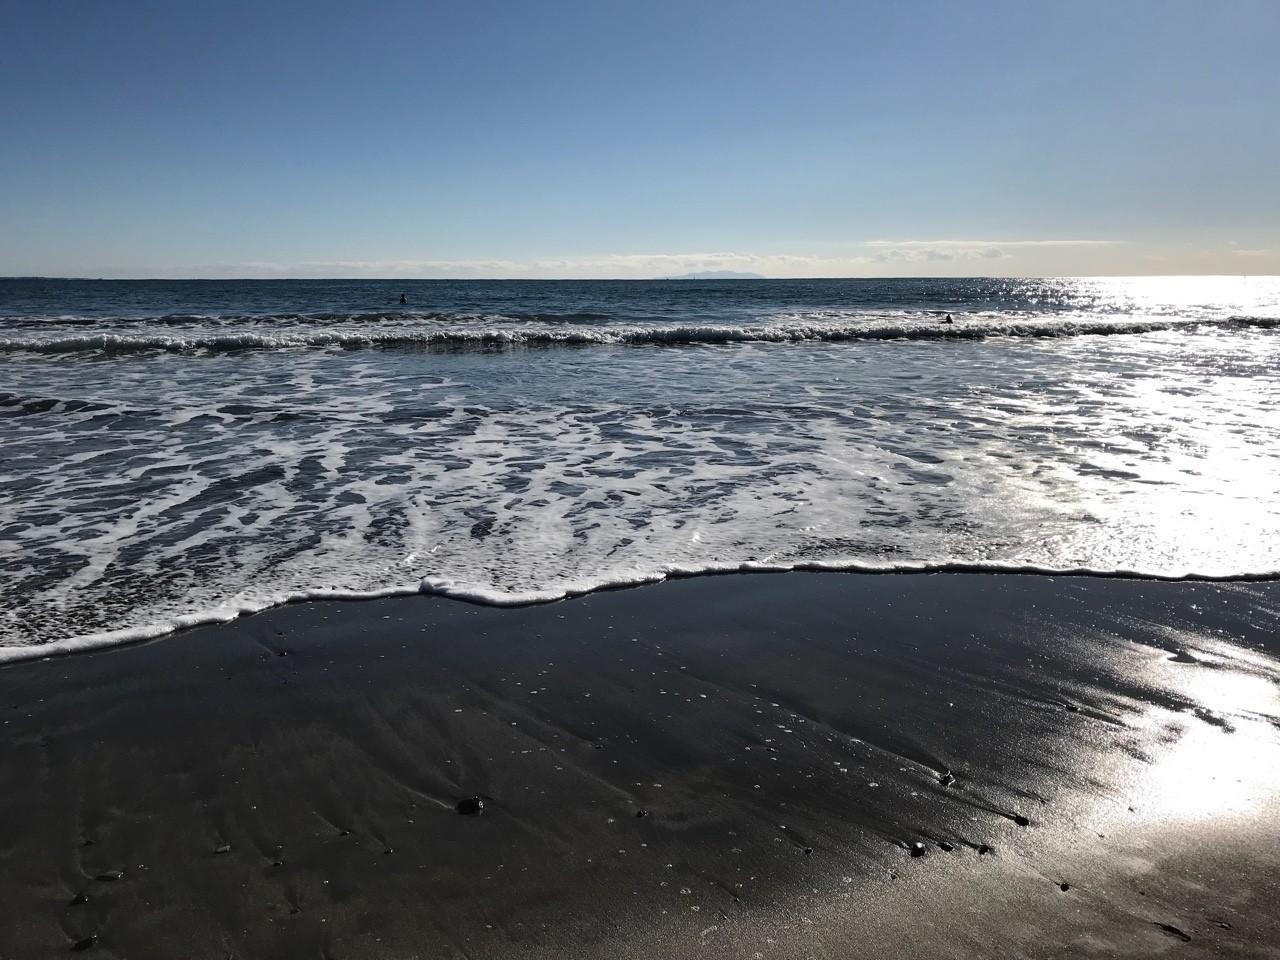 風はやはり冷たかった海辺